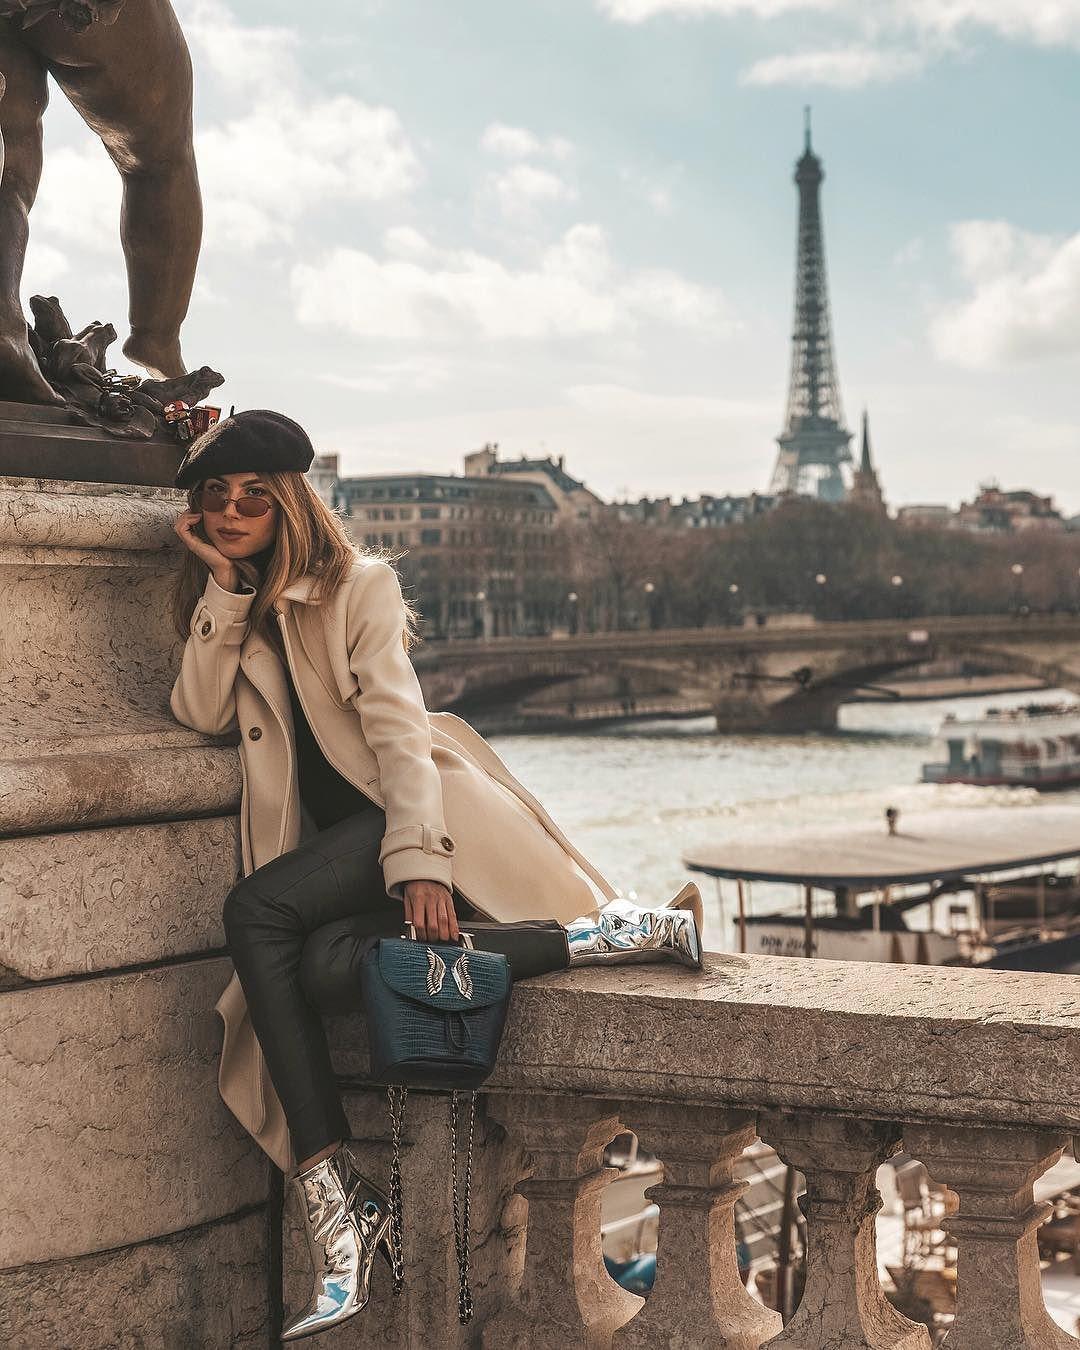 красивые виды парижа и парижанок фото можете выбирать